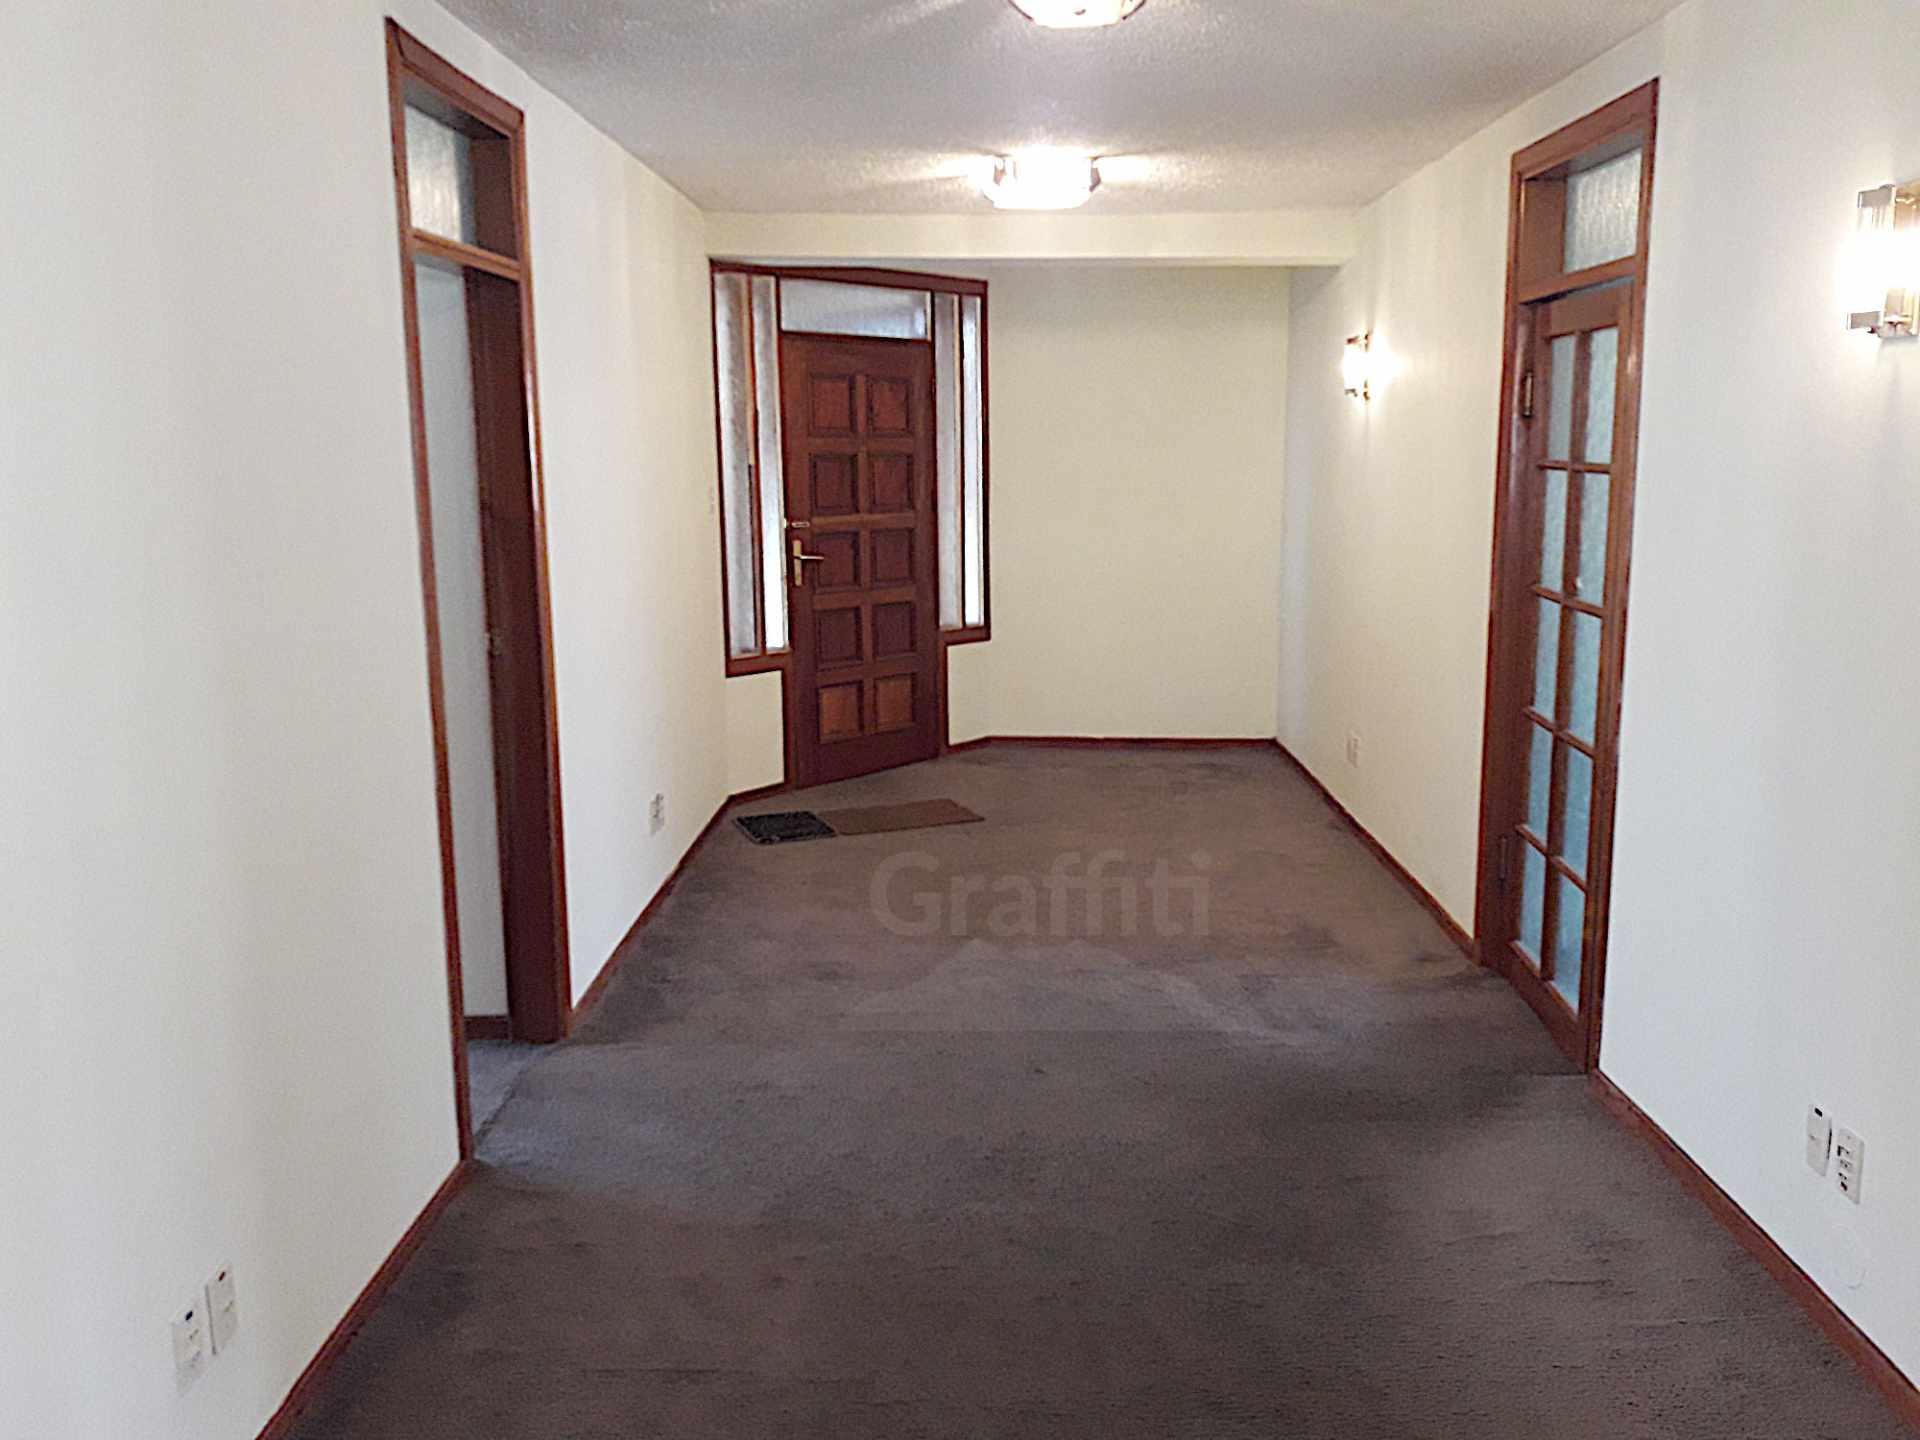 Departamento en Venta Irpavi, calle 2 Foto 1